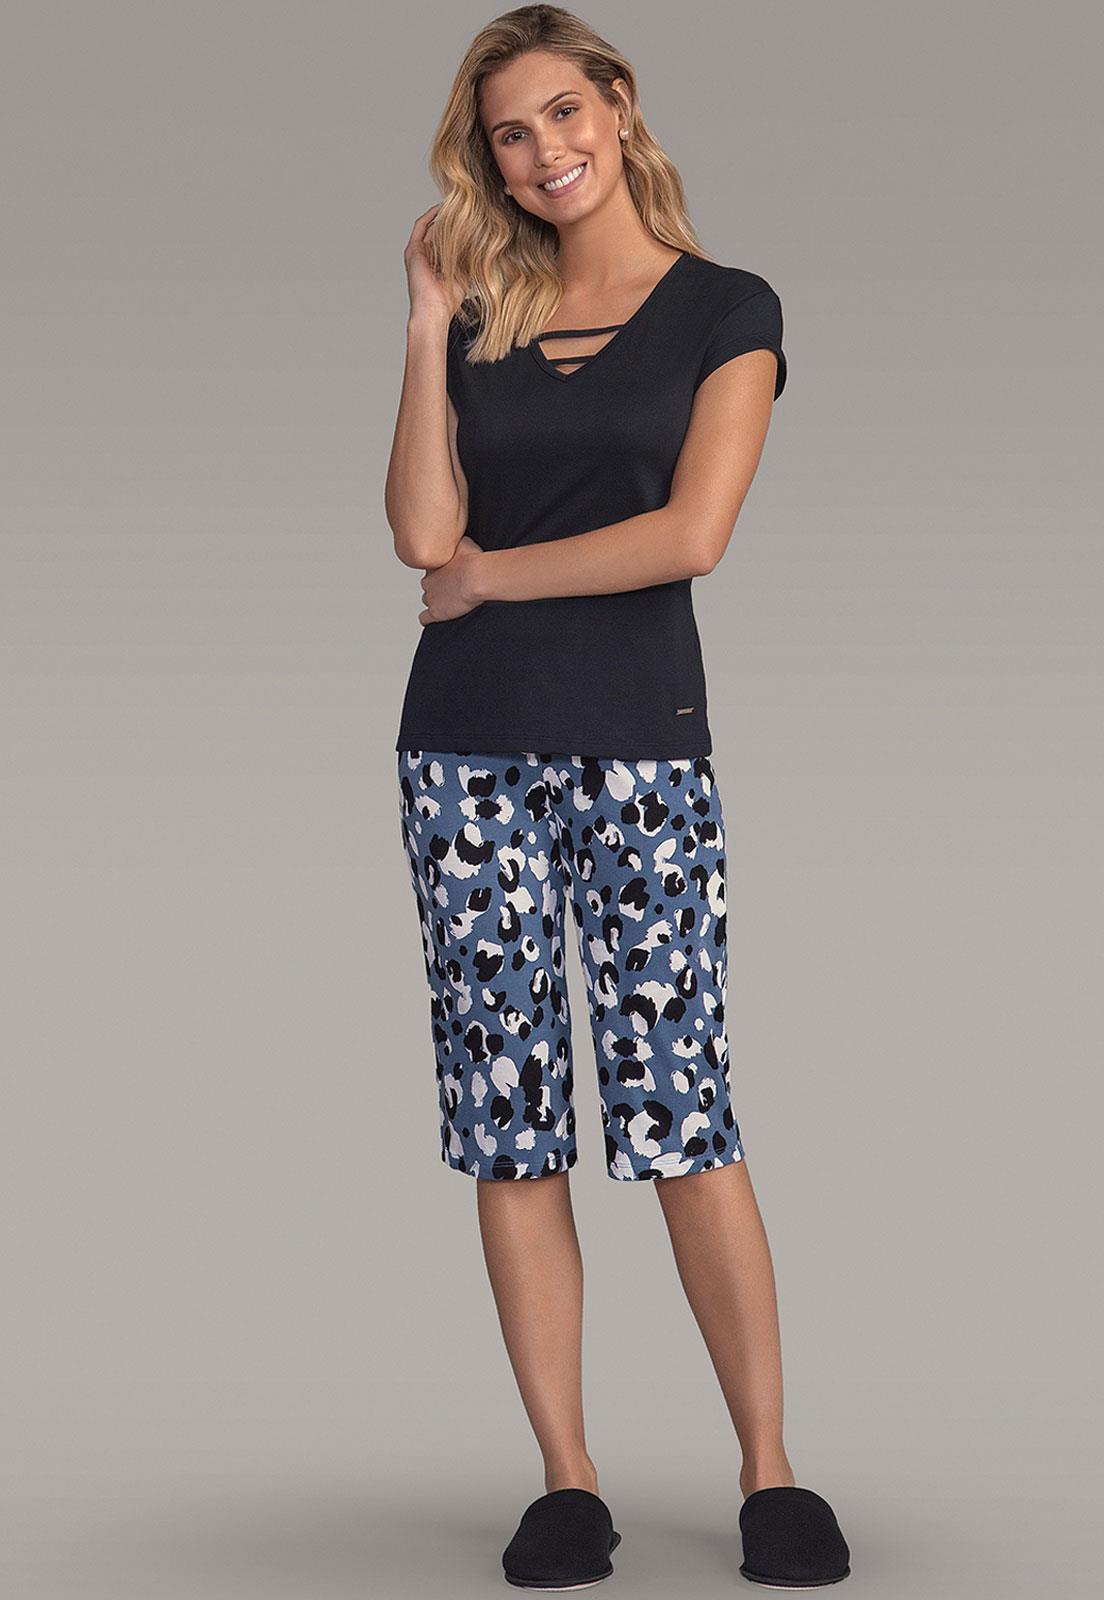 44fe45e5c Pijama Feminino Pescador Estampa Onça 101495 Lua Encantada - Le Lingerie